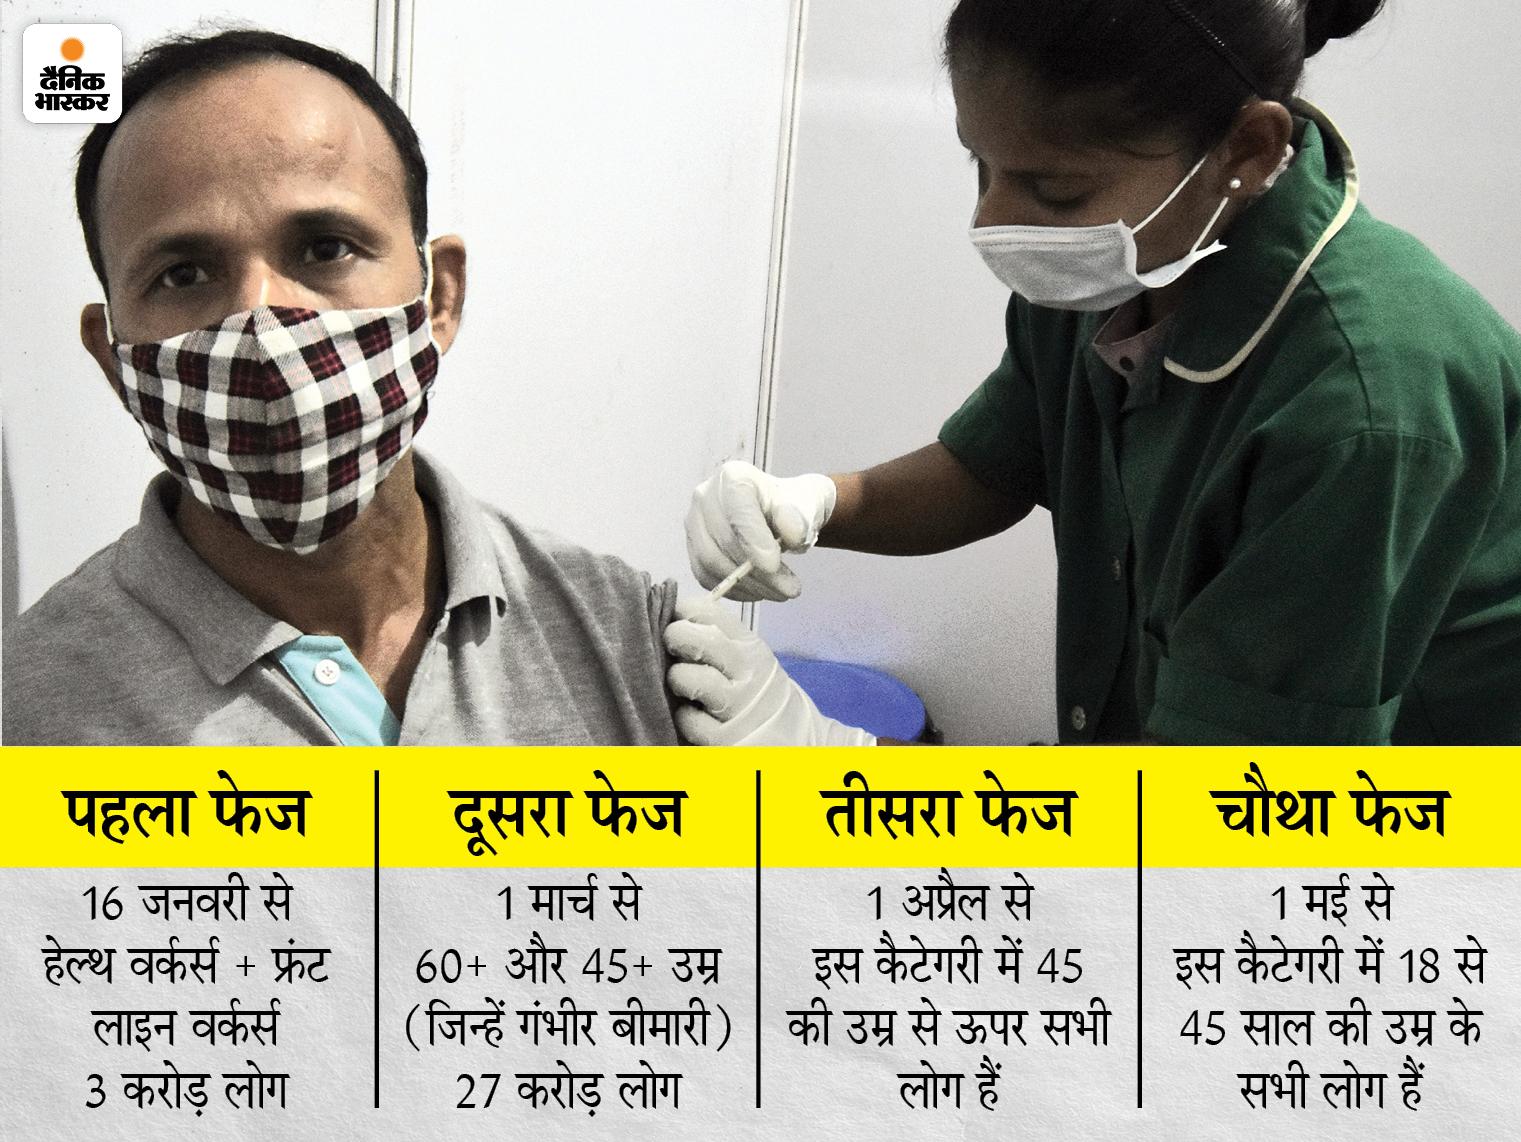 28 अप्रैल से Co-Win पोर्टल पर शुरू होगा रजिस्ट्रेशन; 1 मई से इस एज ग्रुप के लोगों को भी टीका लगेगा|देश,National - Dainik Bhaskar